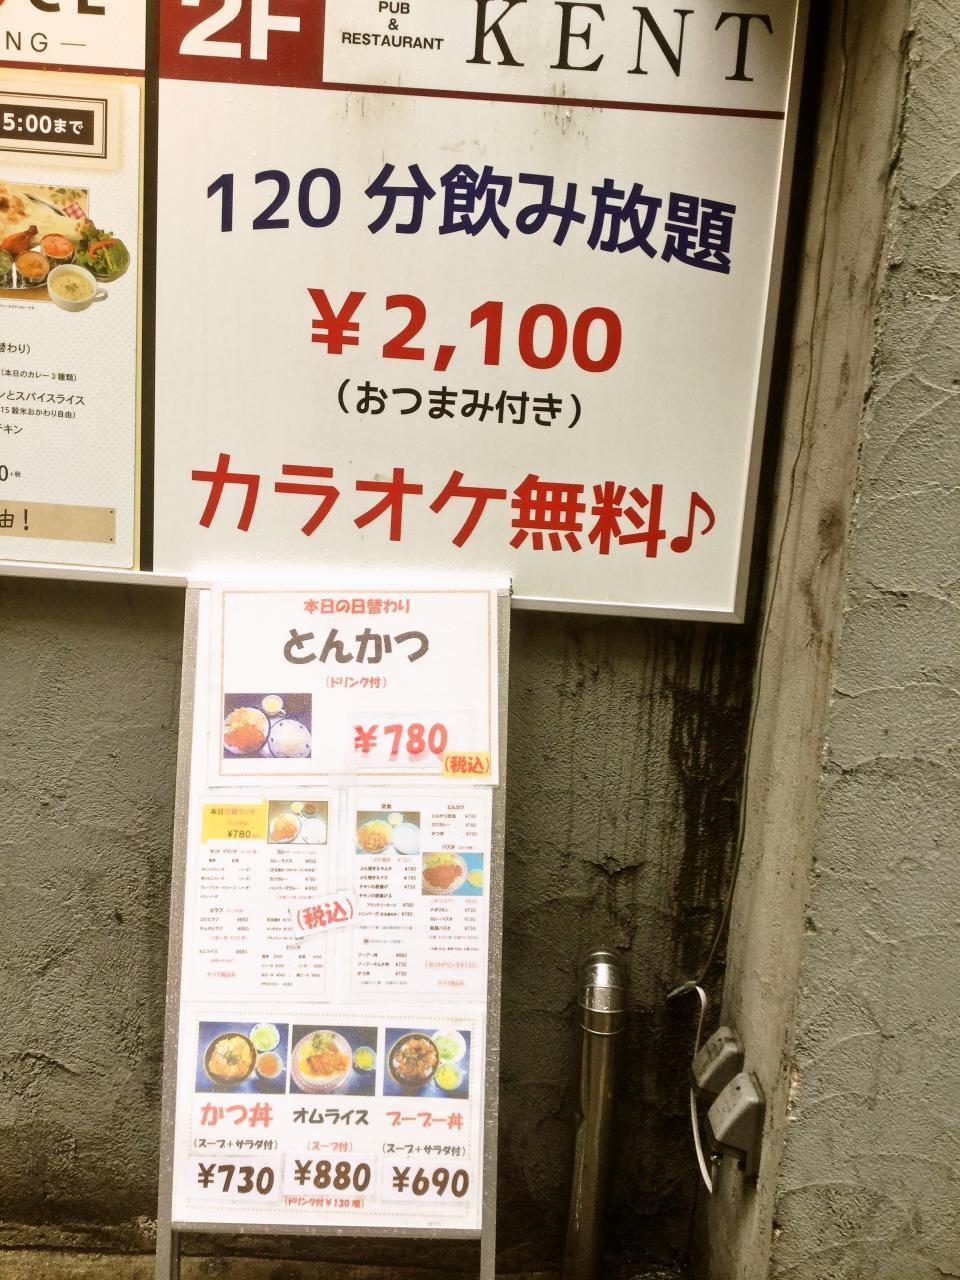 KENT(外観)